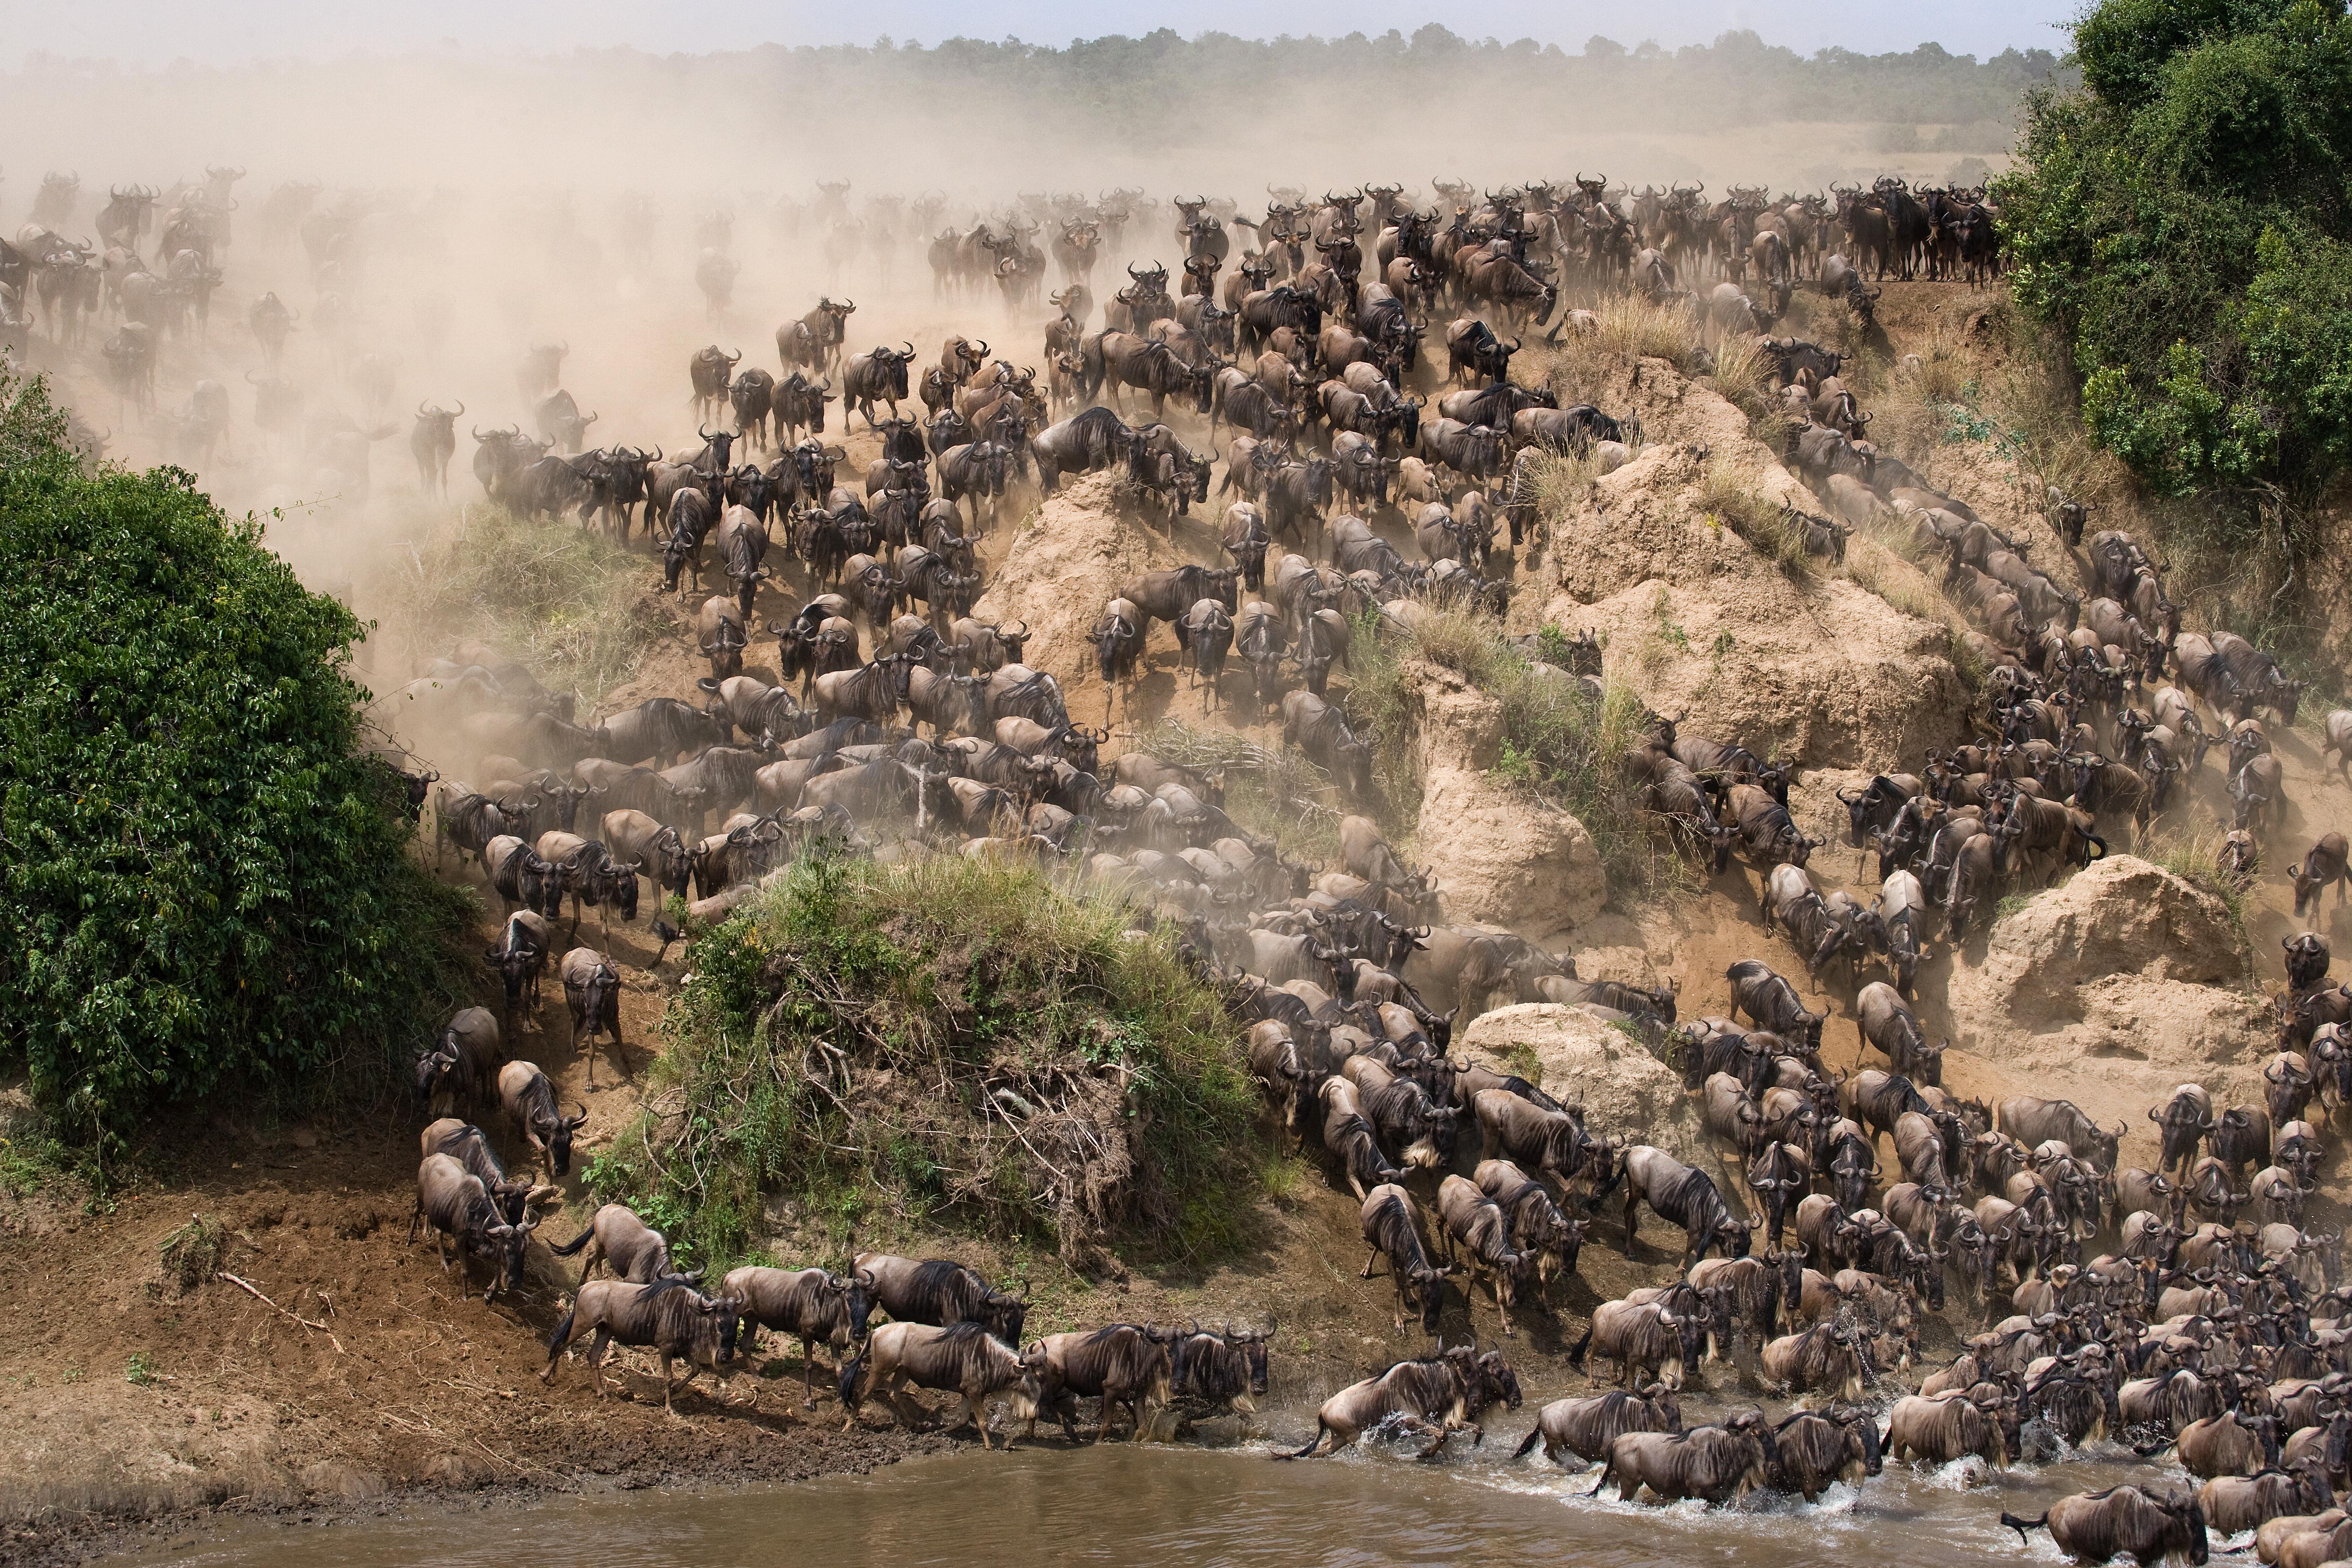 La esencia del África salvaje - Kenia Safari Safari Kenia y Tanzania: Serengeti